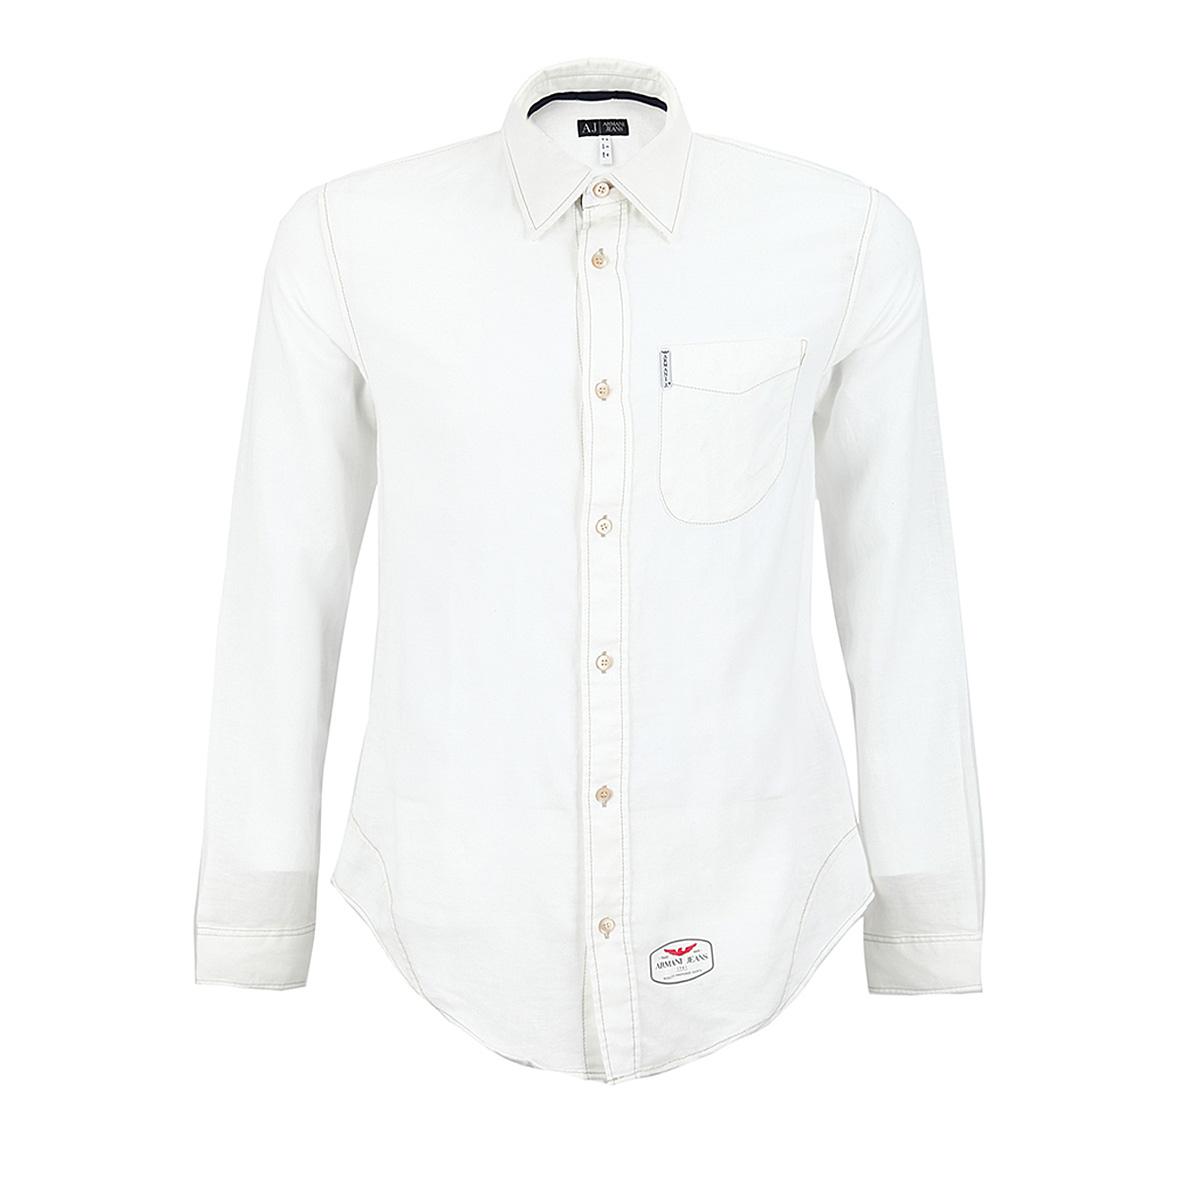 【断码xxl】aj阿玛尼armani jeans白色混合材质纯色男士长袖衬衫